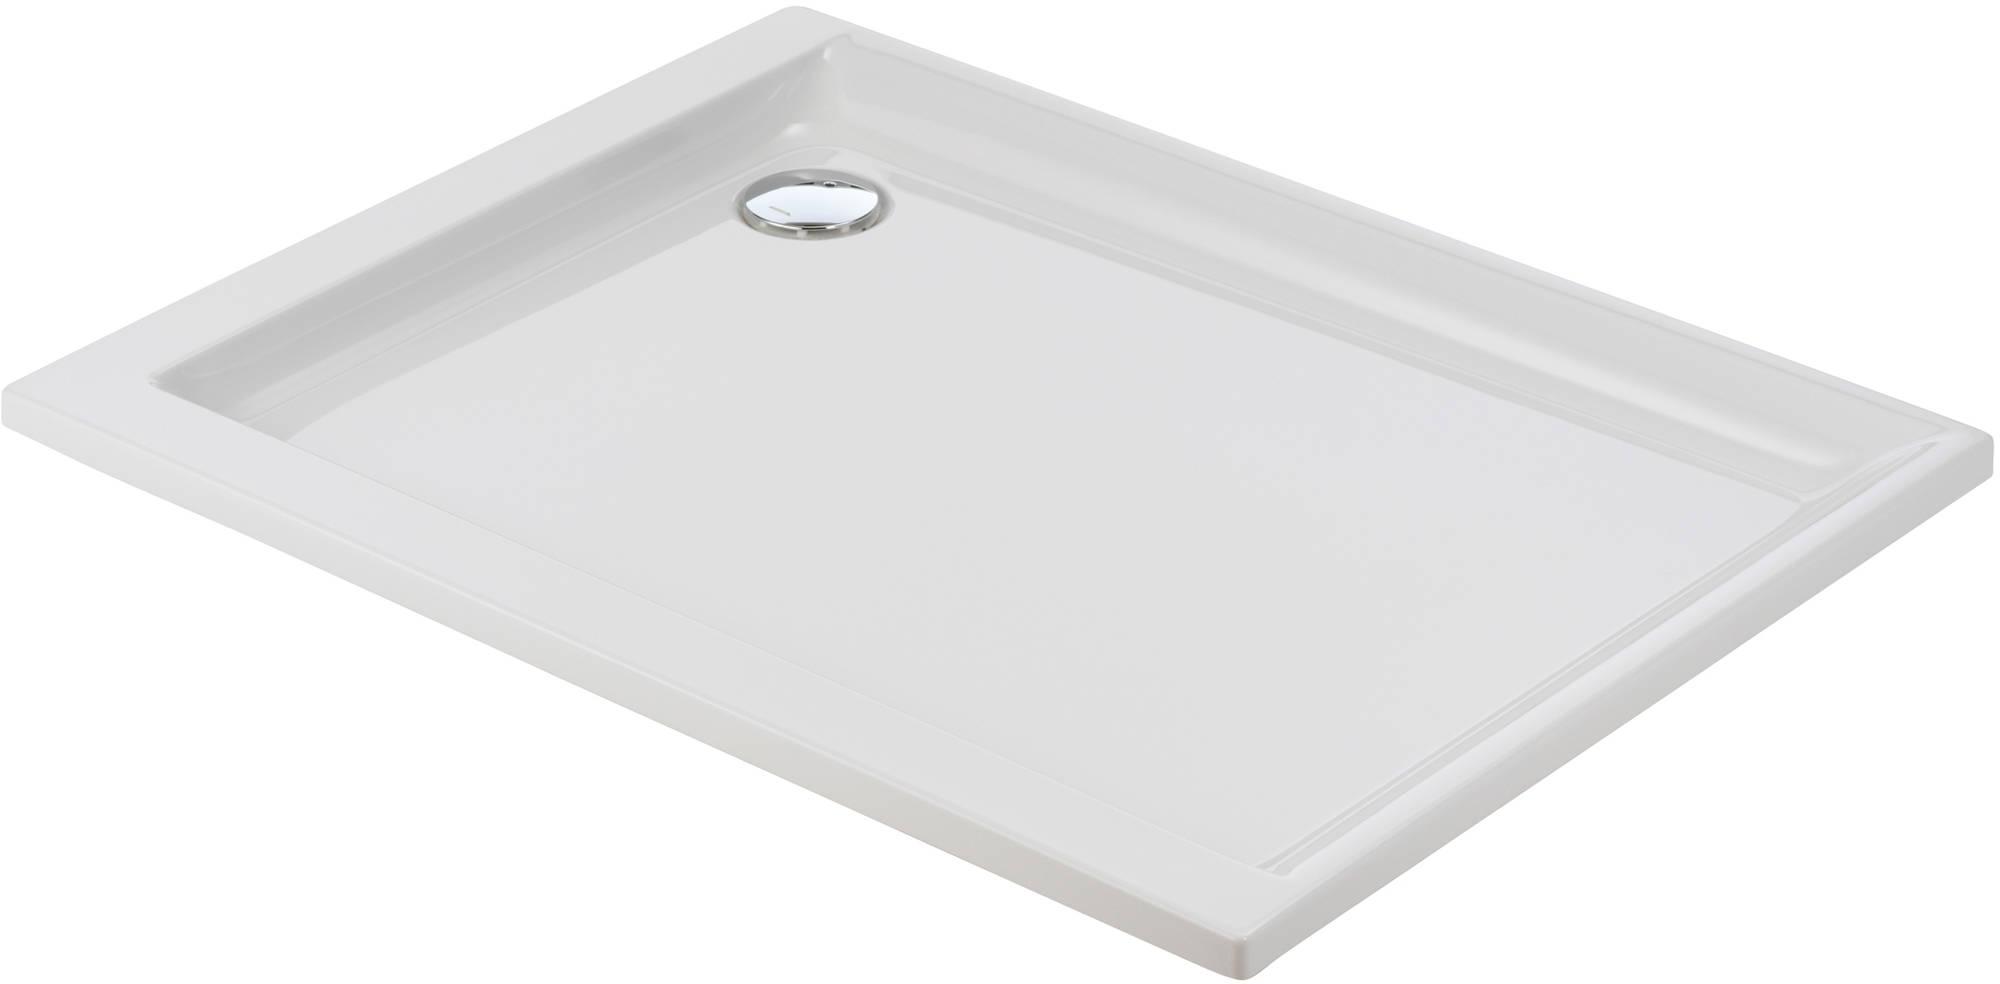 Sealskin Senso douchebak rechthoek 120x90 inbouw, wit